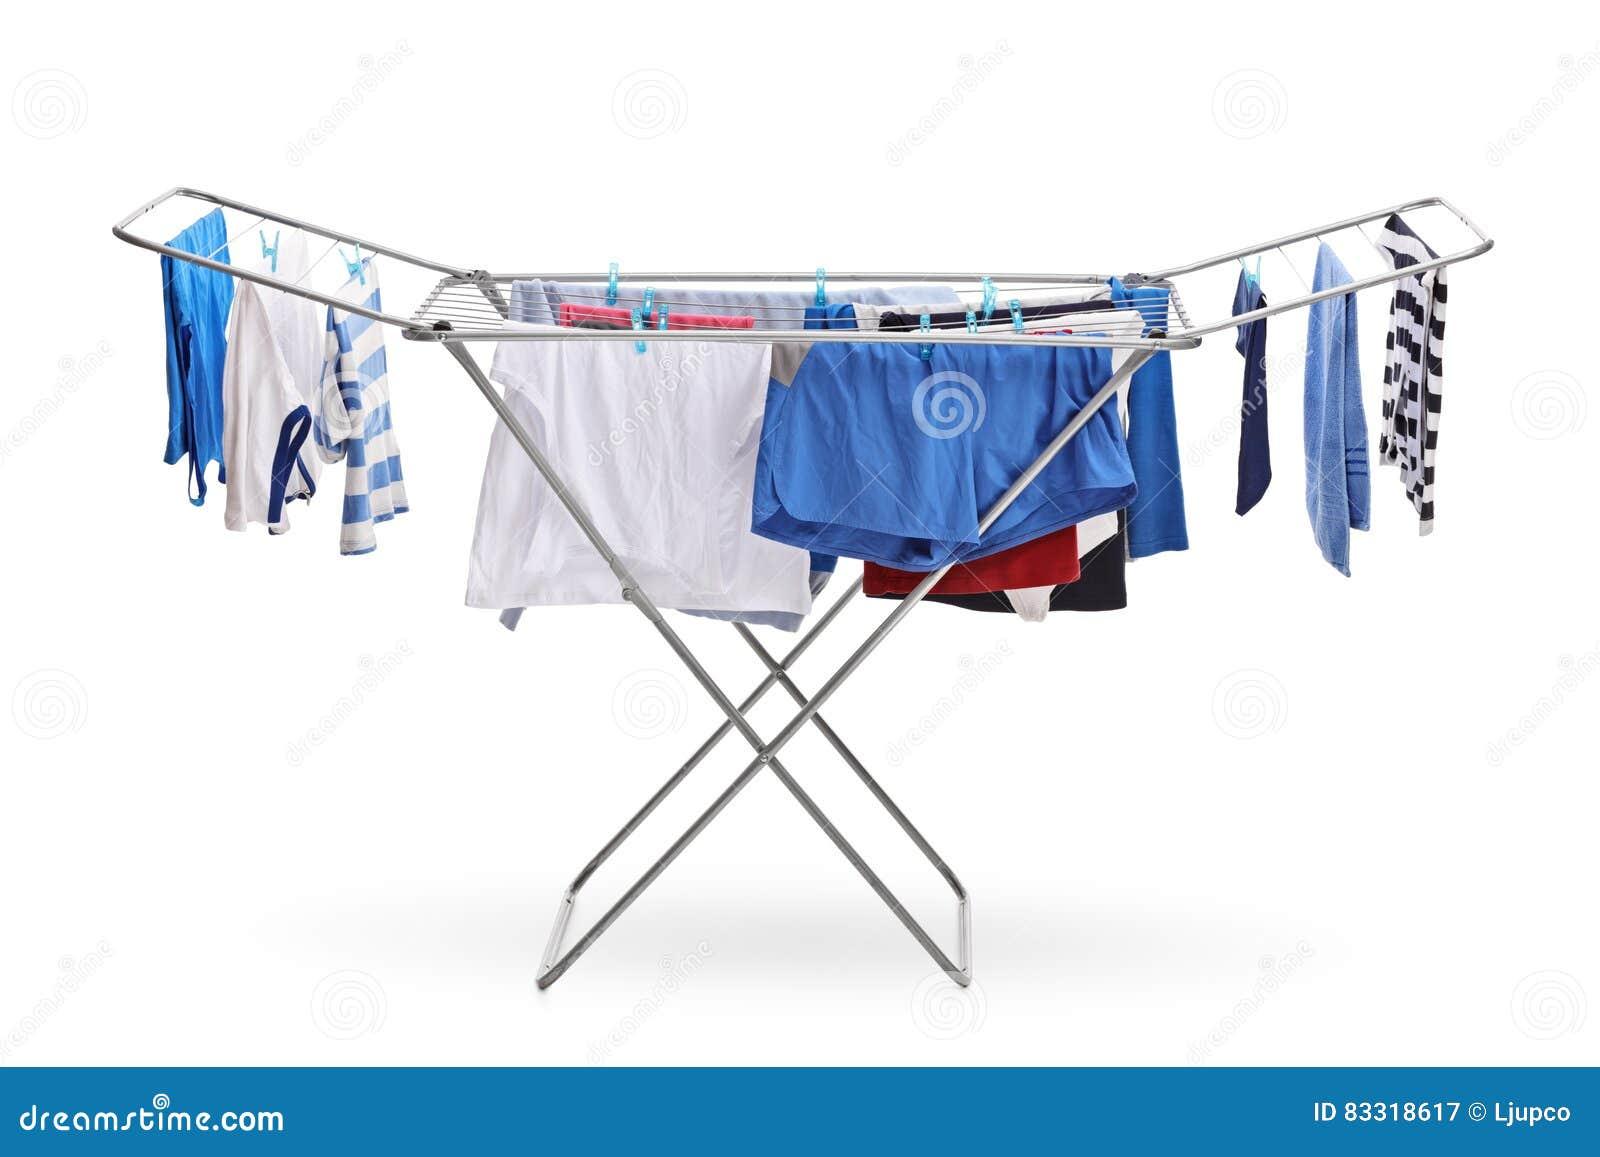 dessiccateur de support avec accrocher de vêtements image stock